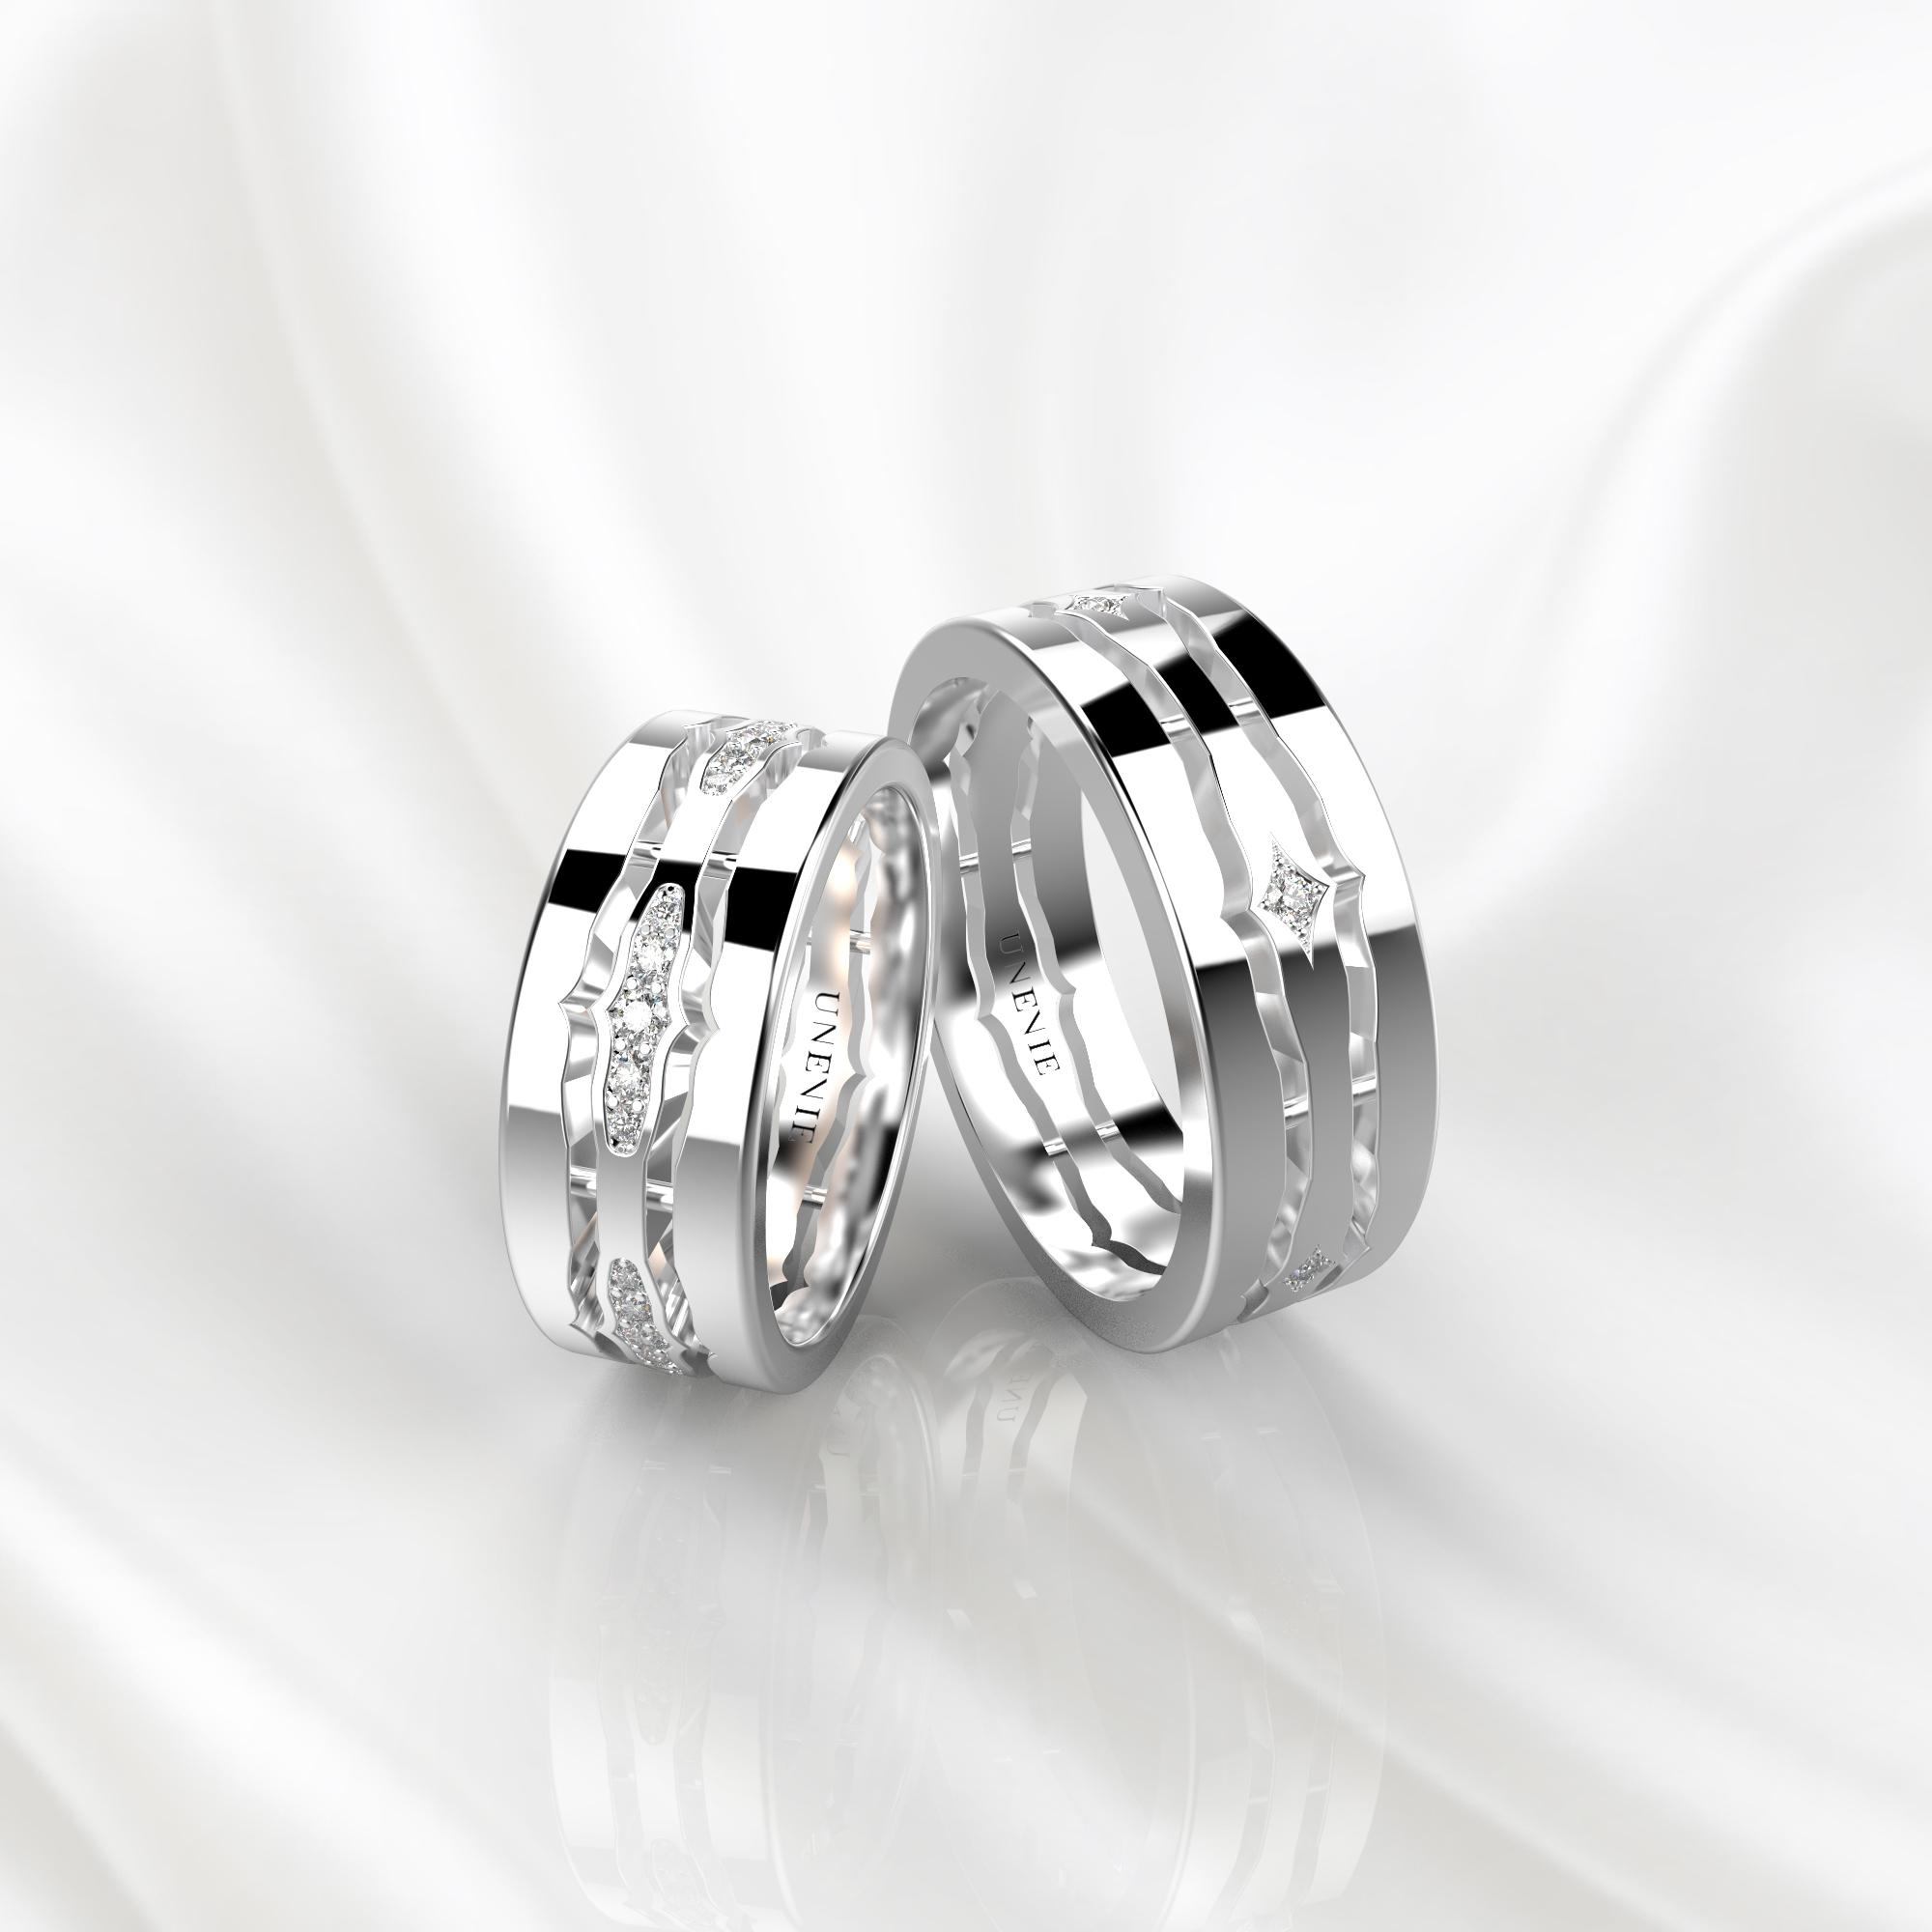 NV48 Парные обручальные кольца из белого золота с бриллиантами